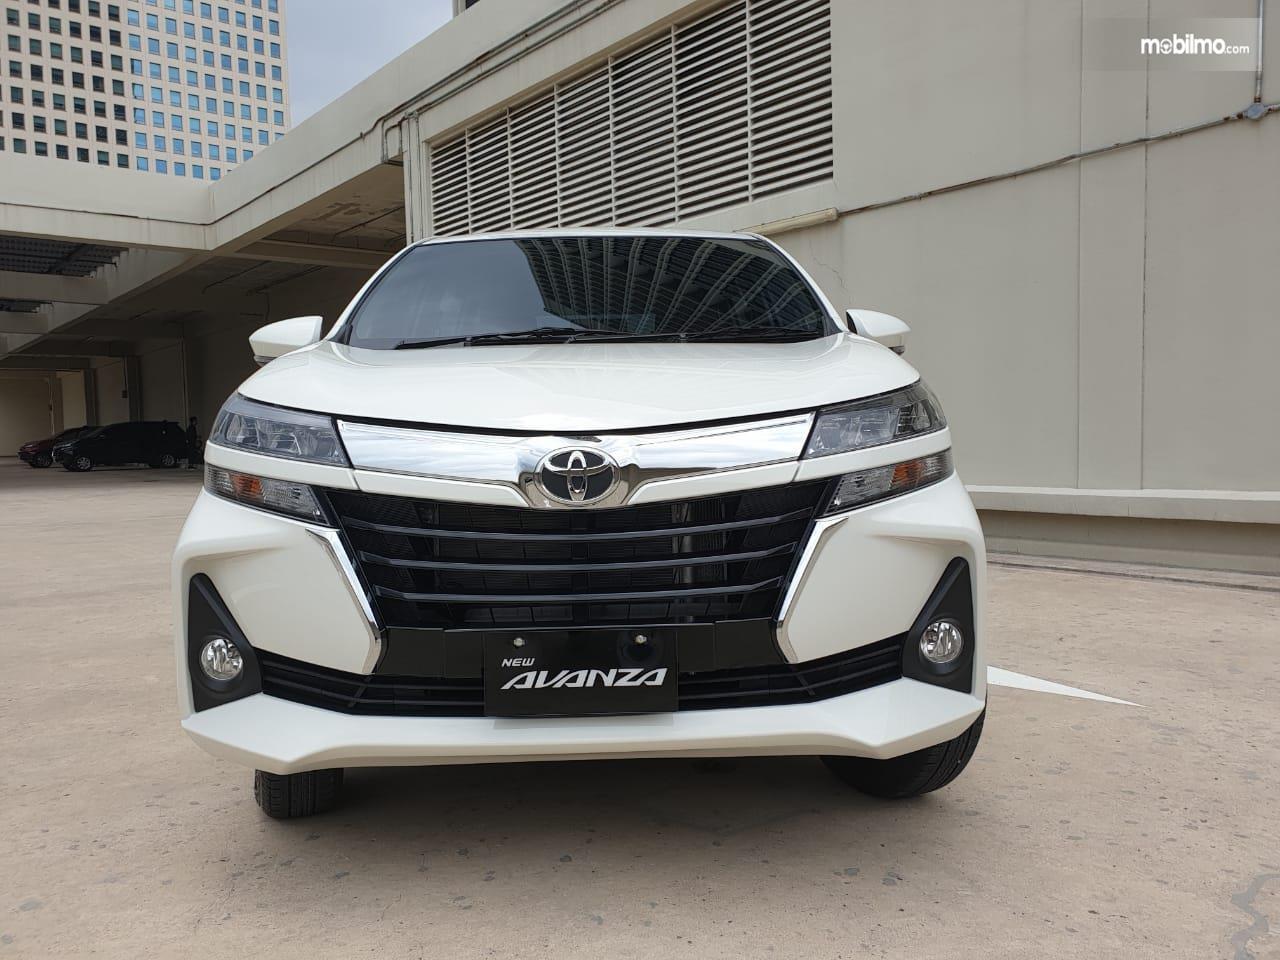 Gambar mobil New Toyota Avanza 1.3 G A/T 2019 berwarna putih dilihat dari sisi depan